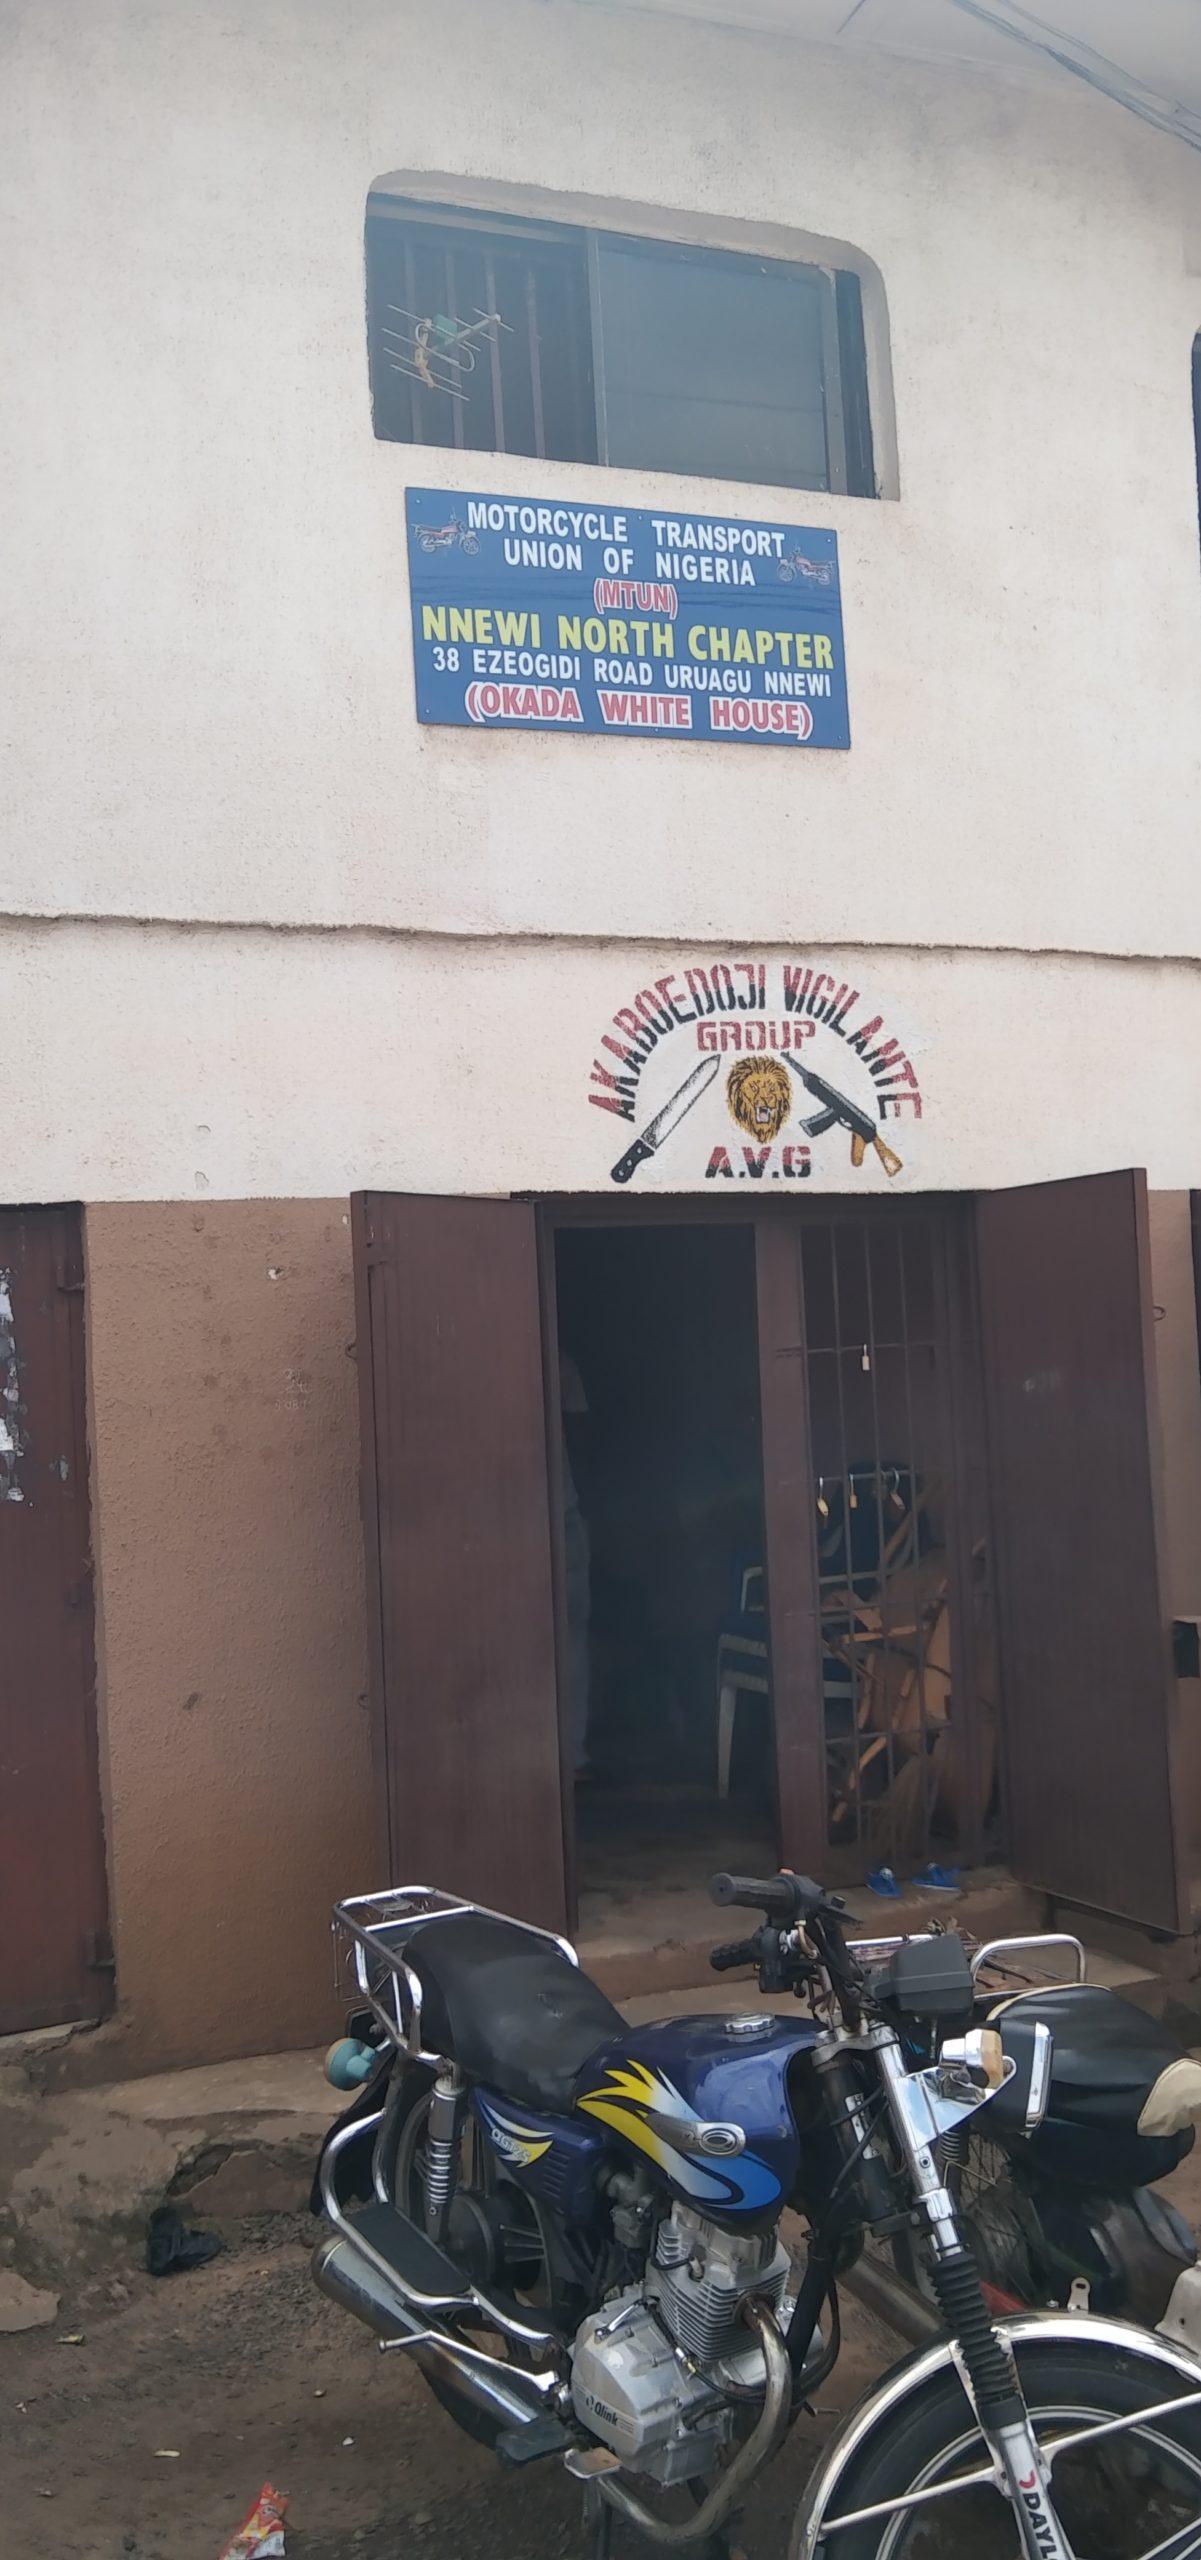 Office of Keke riders in Nnewi